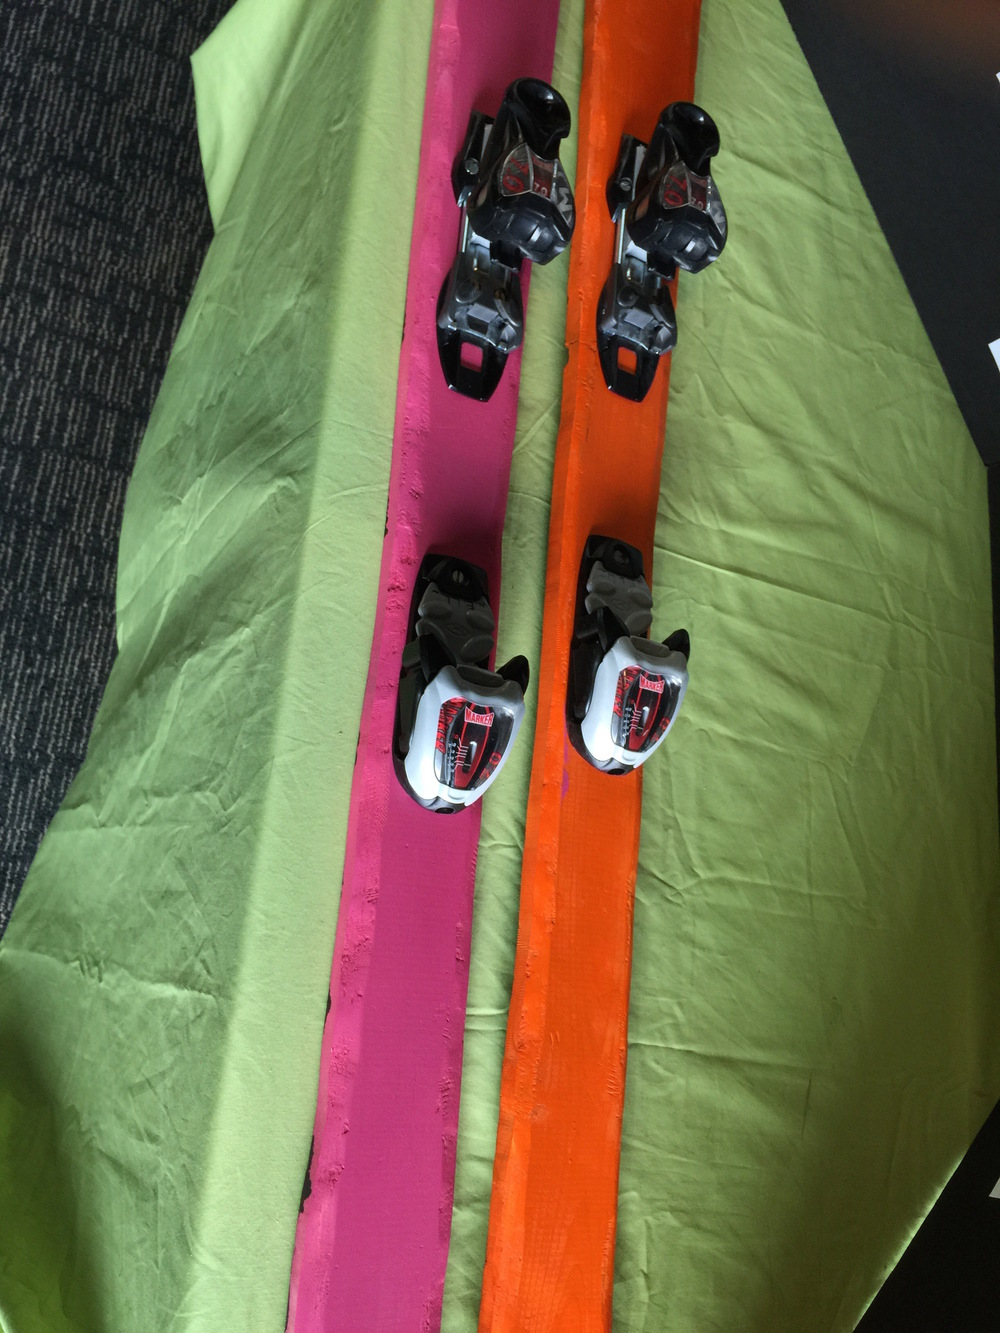 Skis 1.jpg